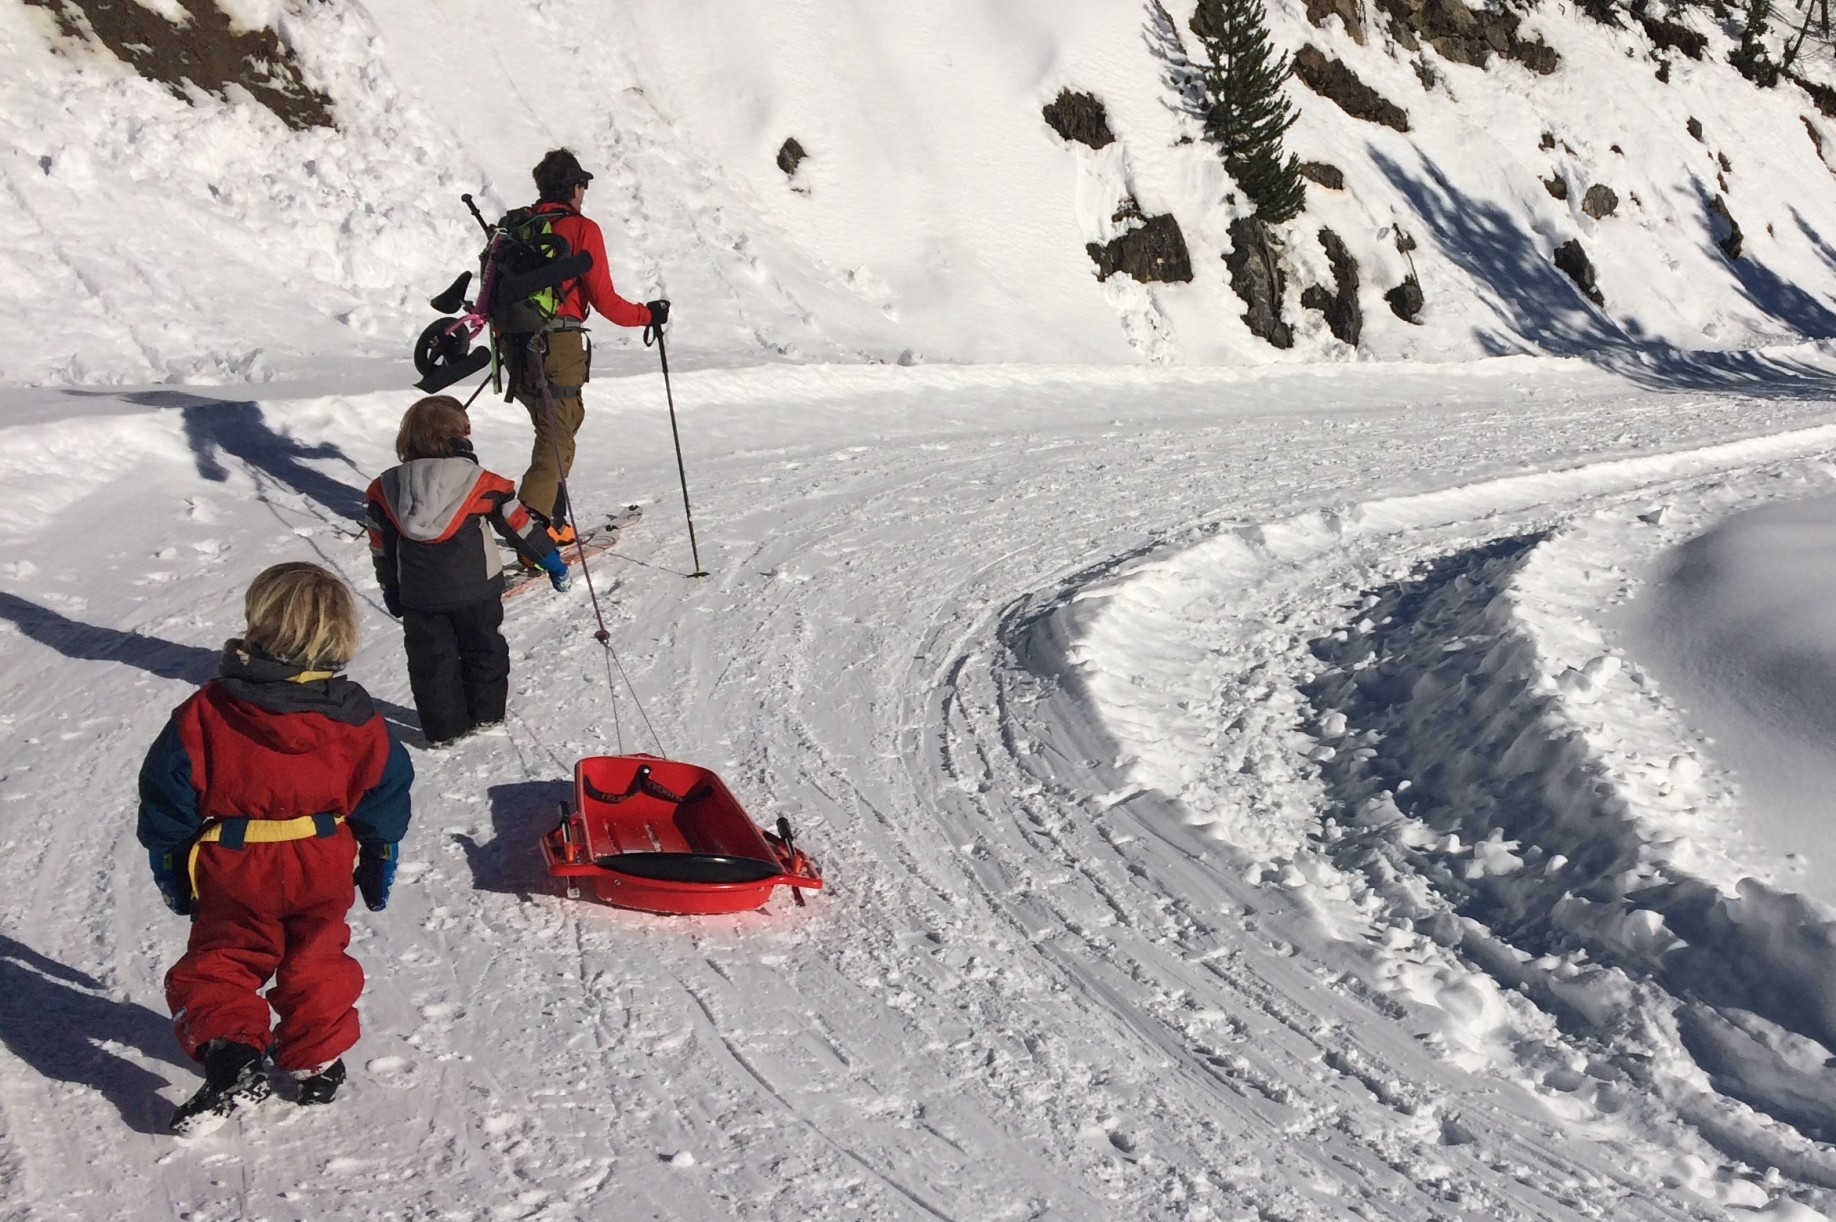 ski de randonnée avec un guide de montagne pendant l'ascension du col de l'Isoard à Arvieux dans le Queyras